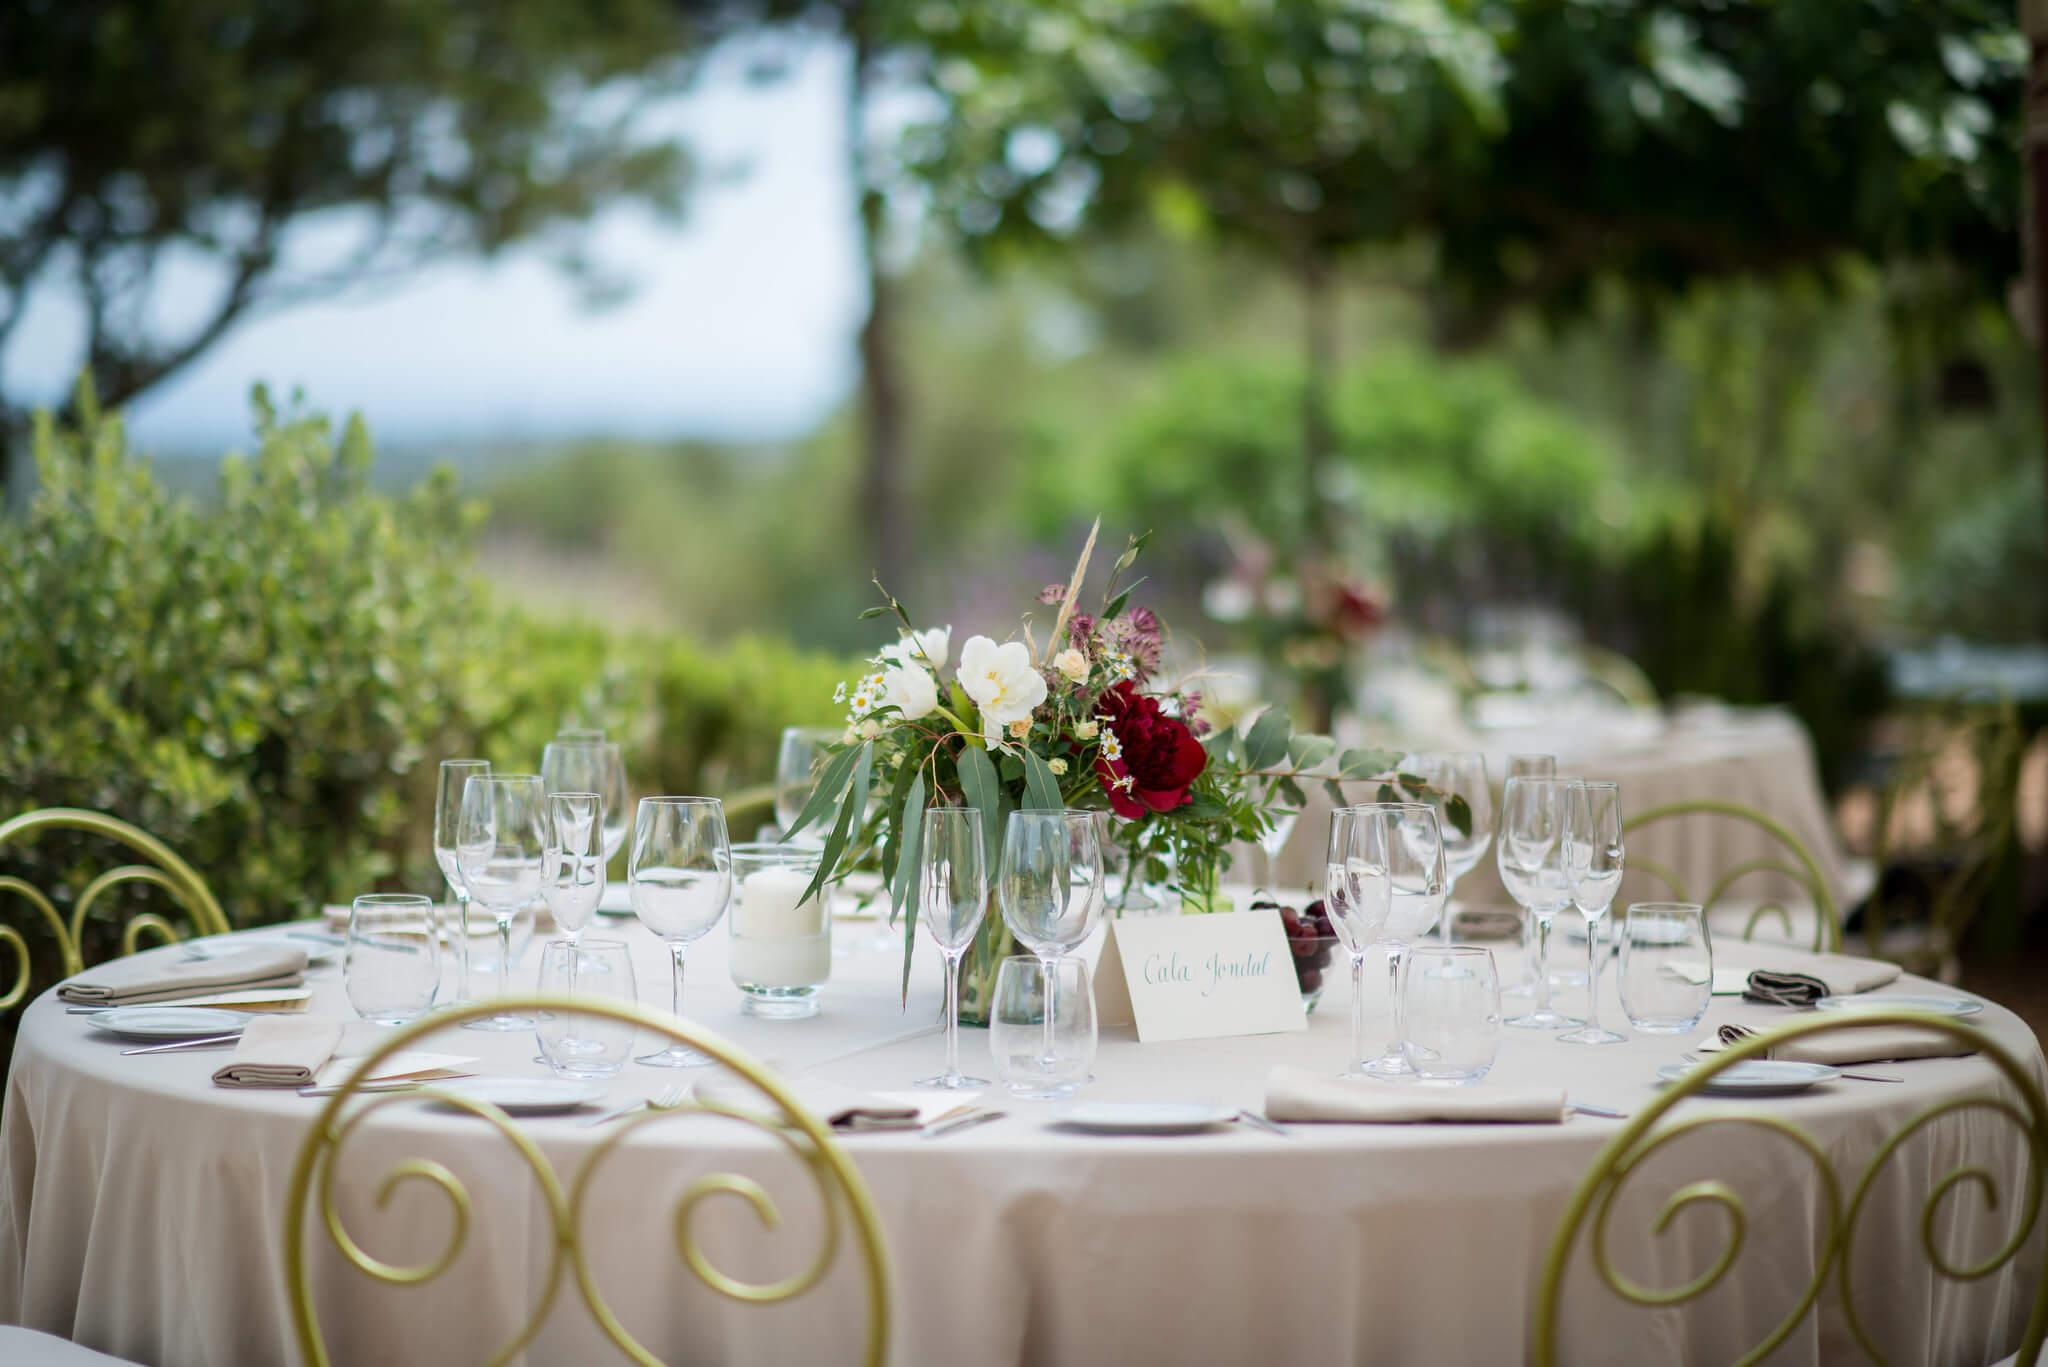 https://www.white-ibiza.com/wp-content/uploads/2020/03/ibiza-wedding-photographer-gypsy-westwood-2020-11.jpg